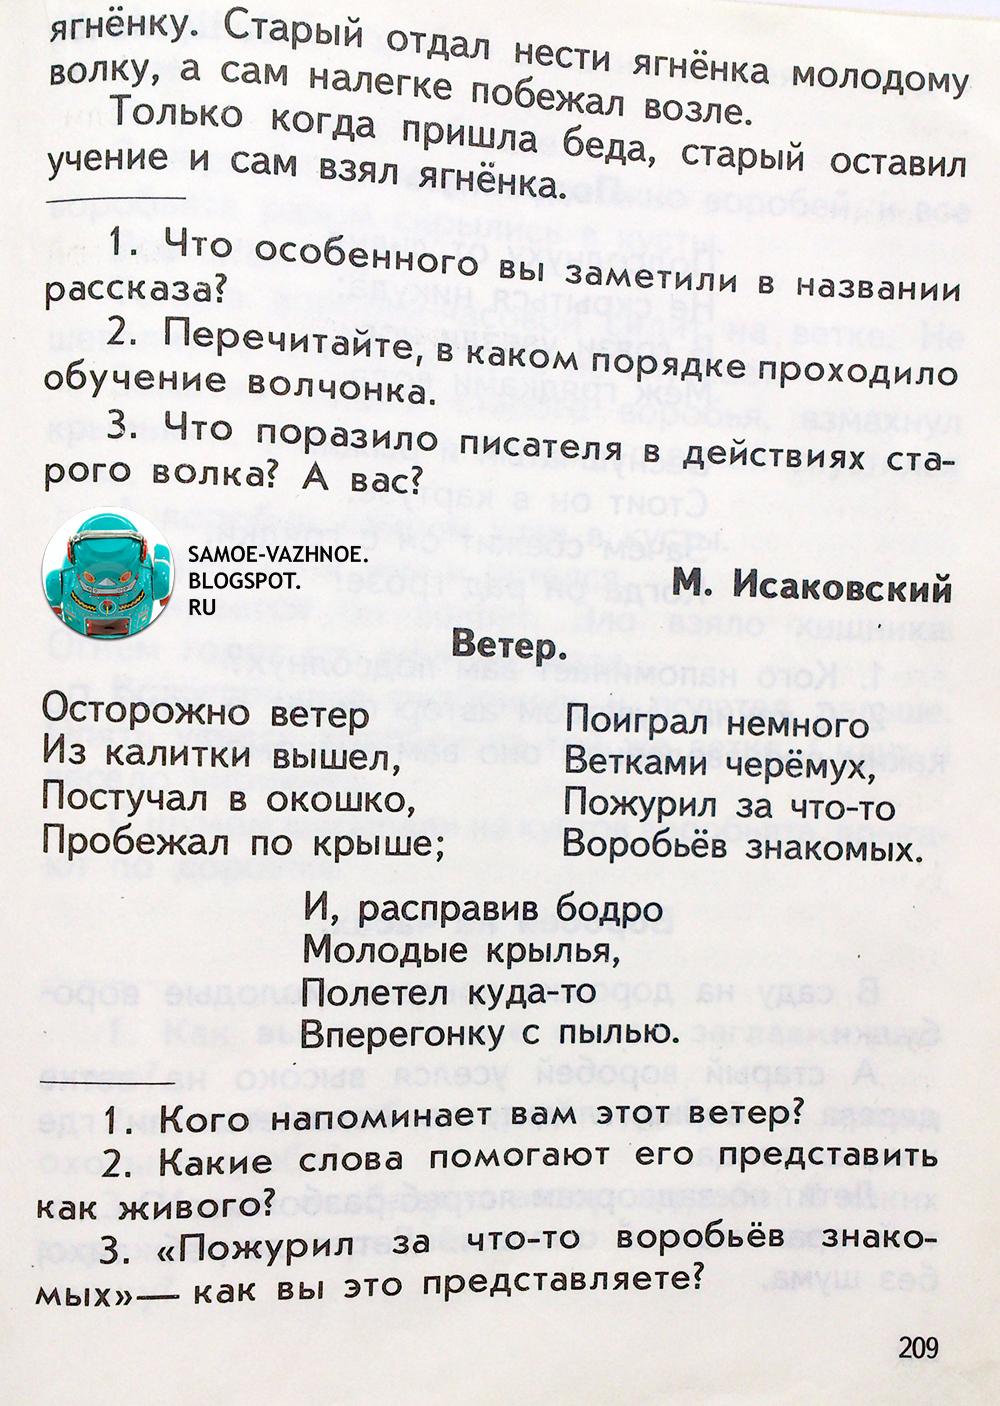 Жёлтый учебник Алма-Ата. Жёлтый учебник литература девяностые